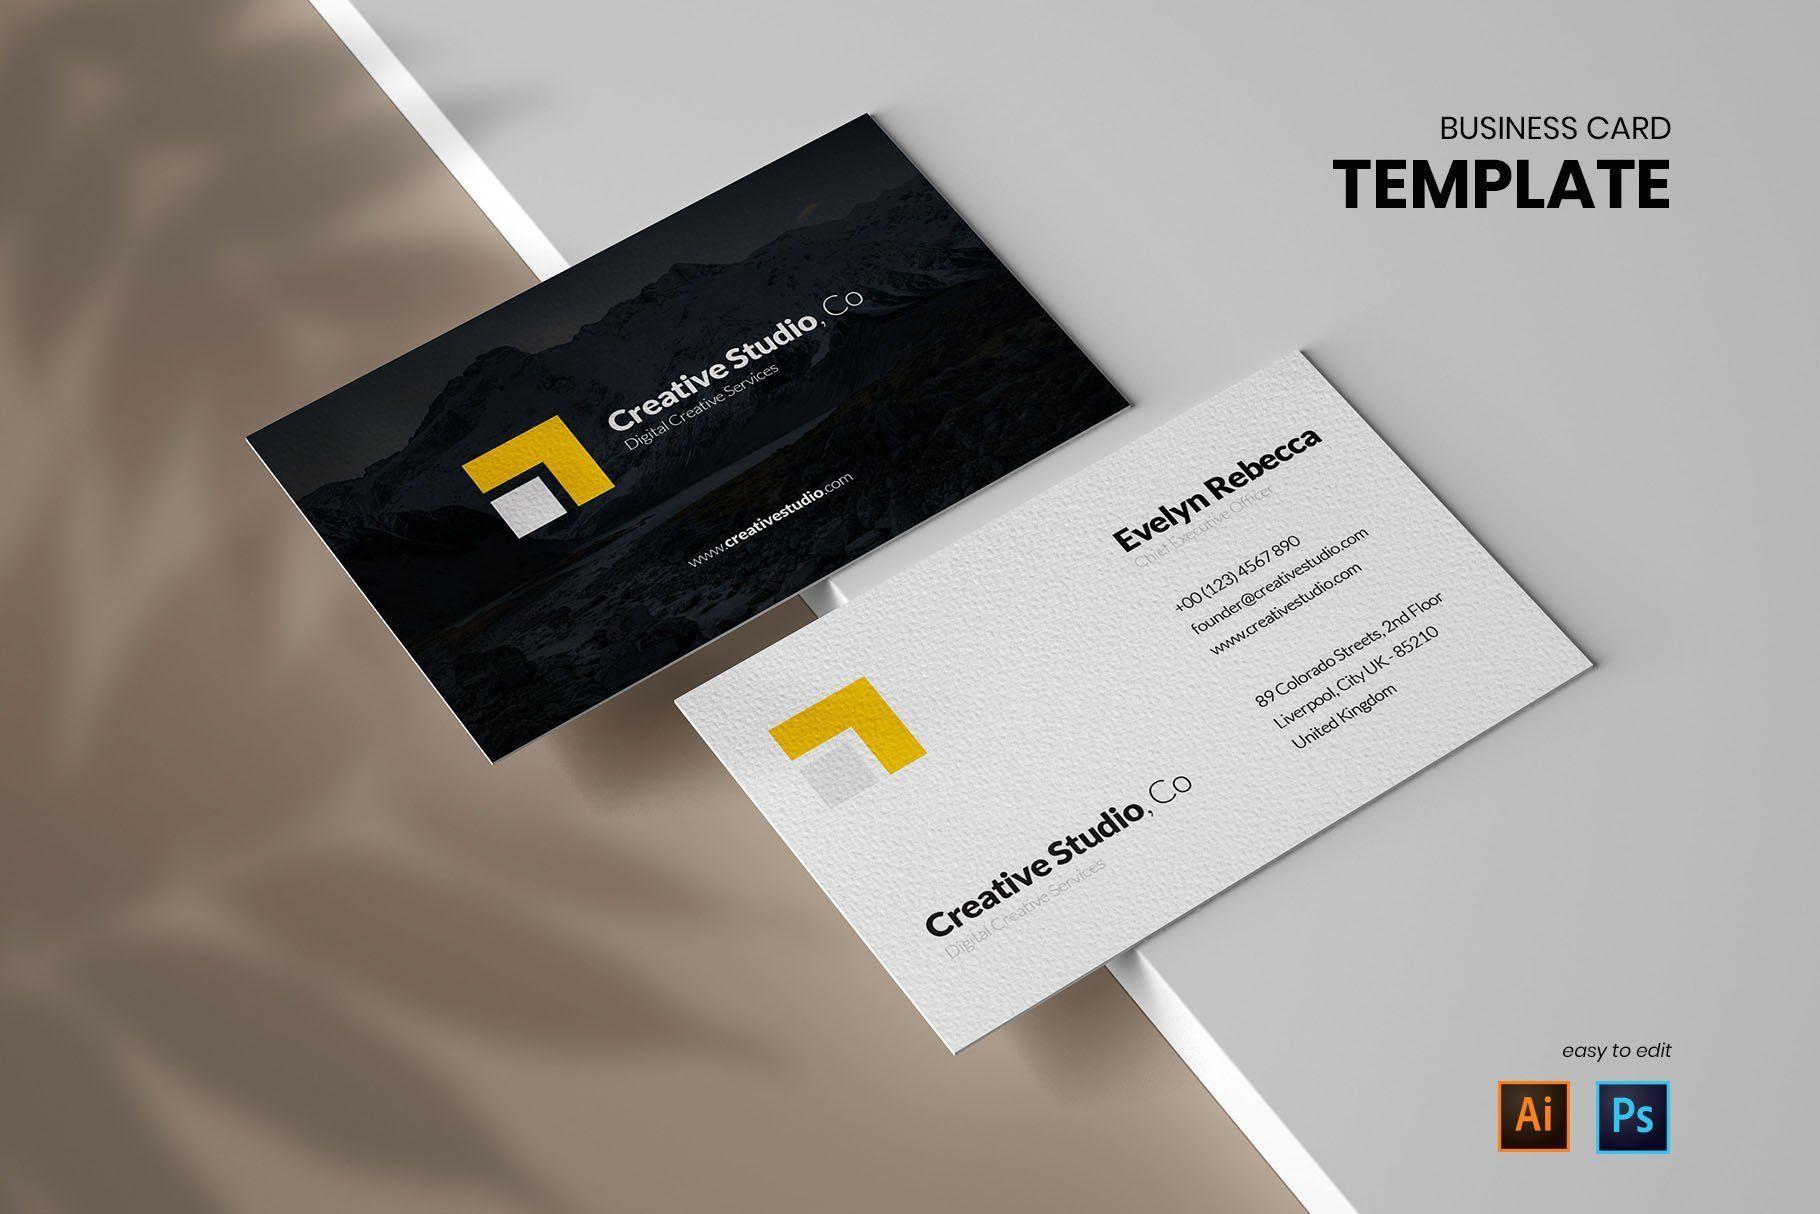 Minimalist Business Card Vol 01 Minimalist Business Cards Photography Business Cards Template Photography Business Cards